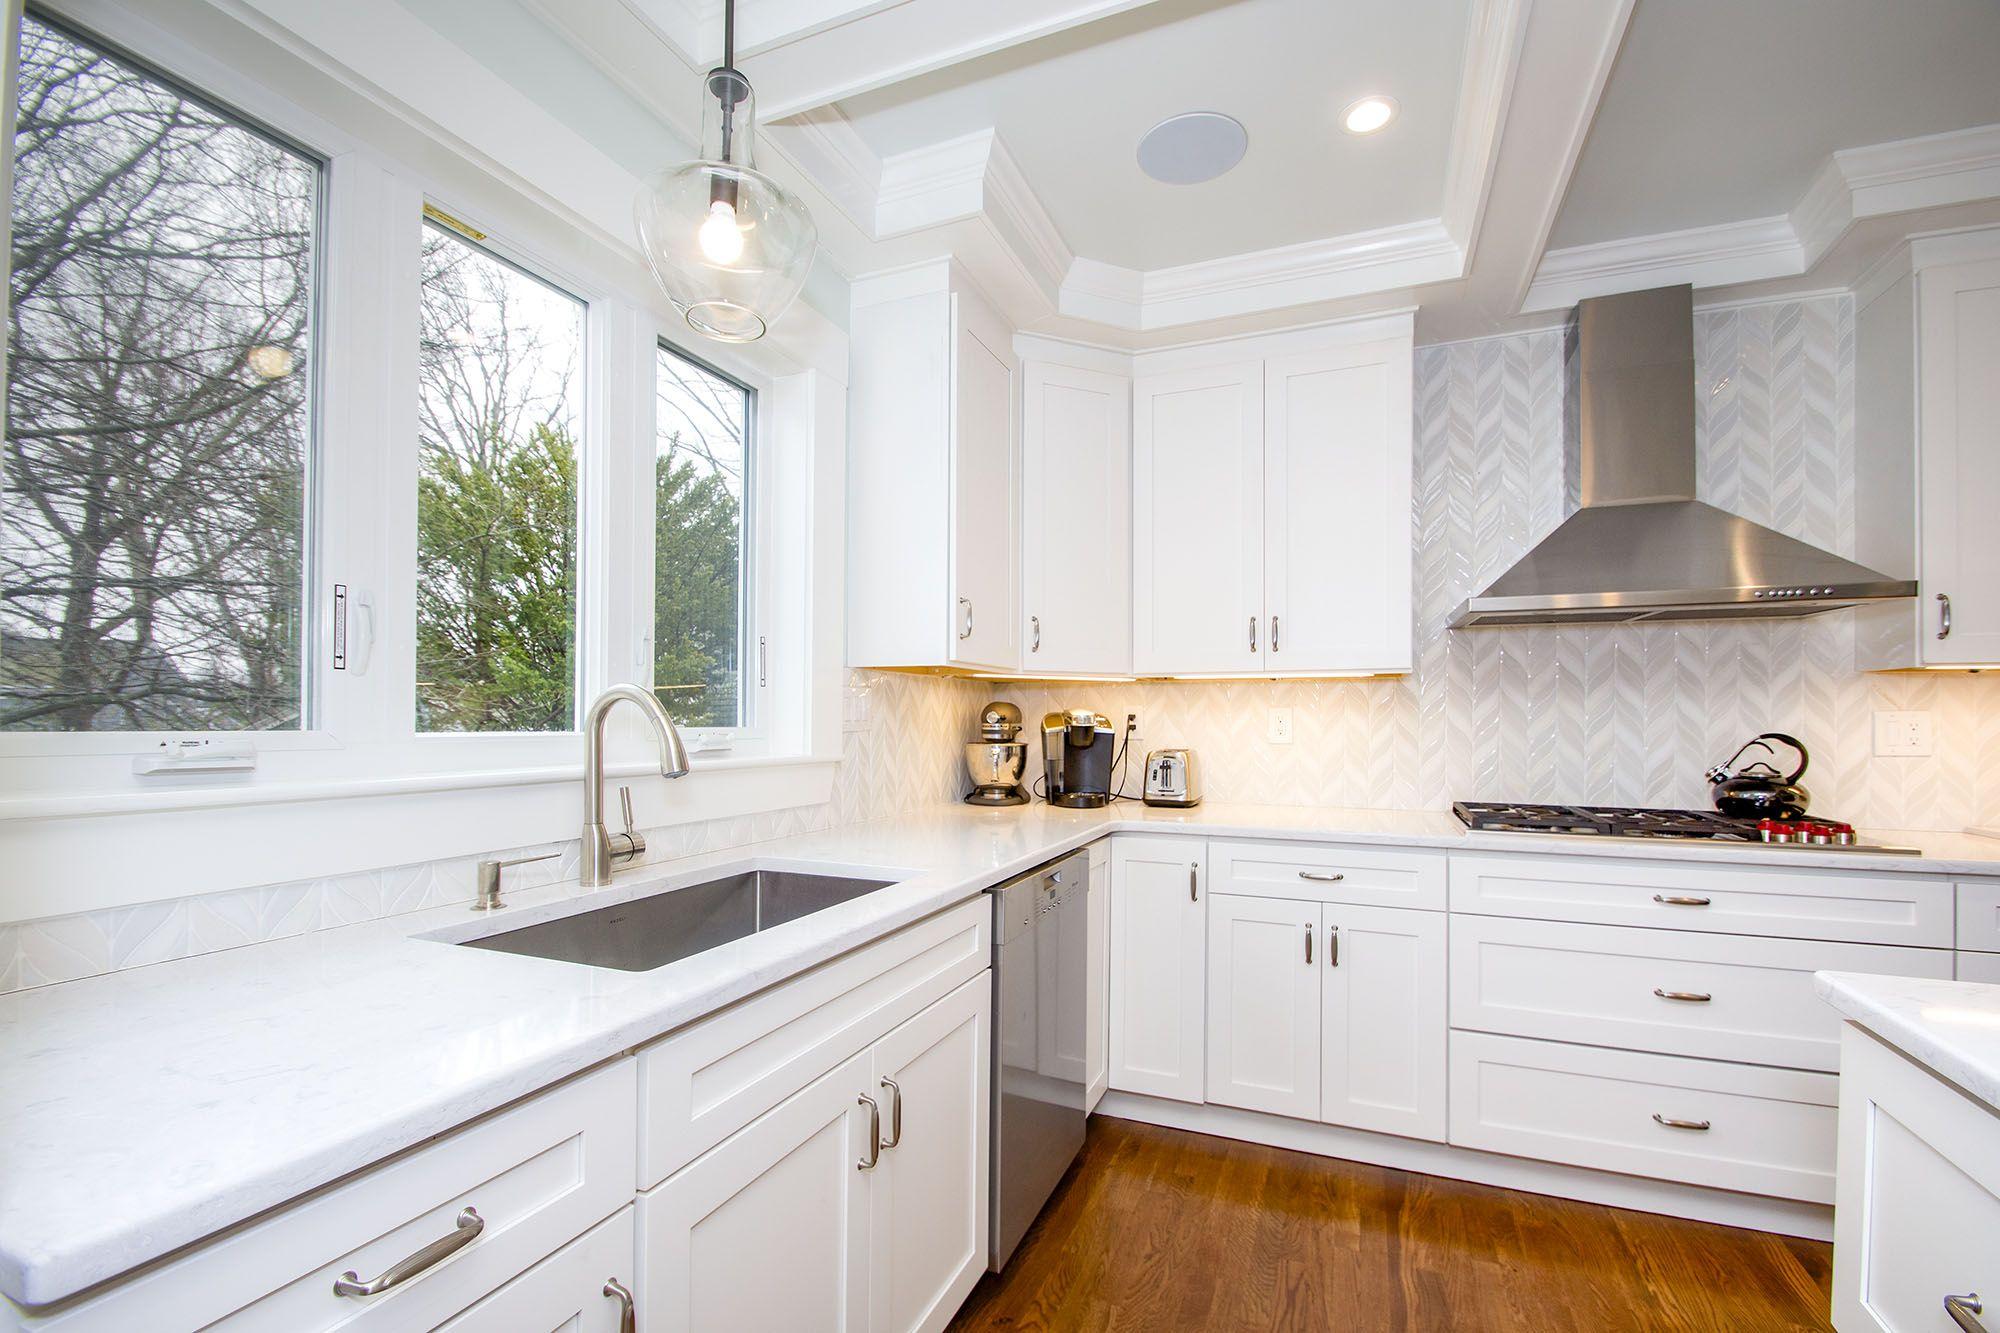 white cabinets, hardwood floors, pendant light, stainless ...